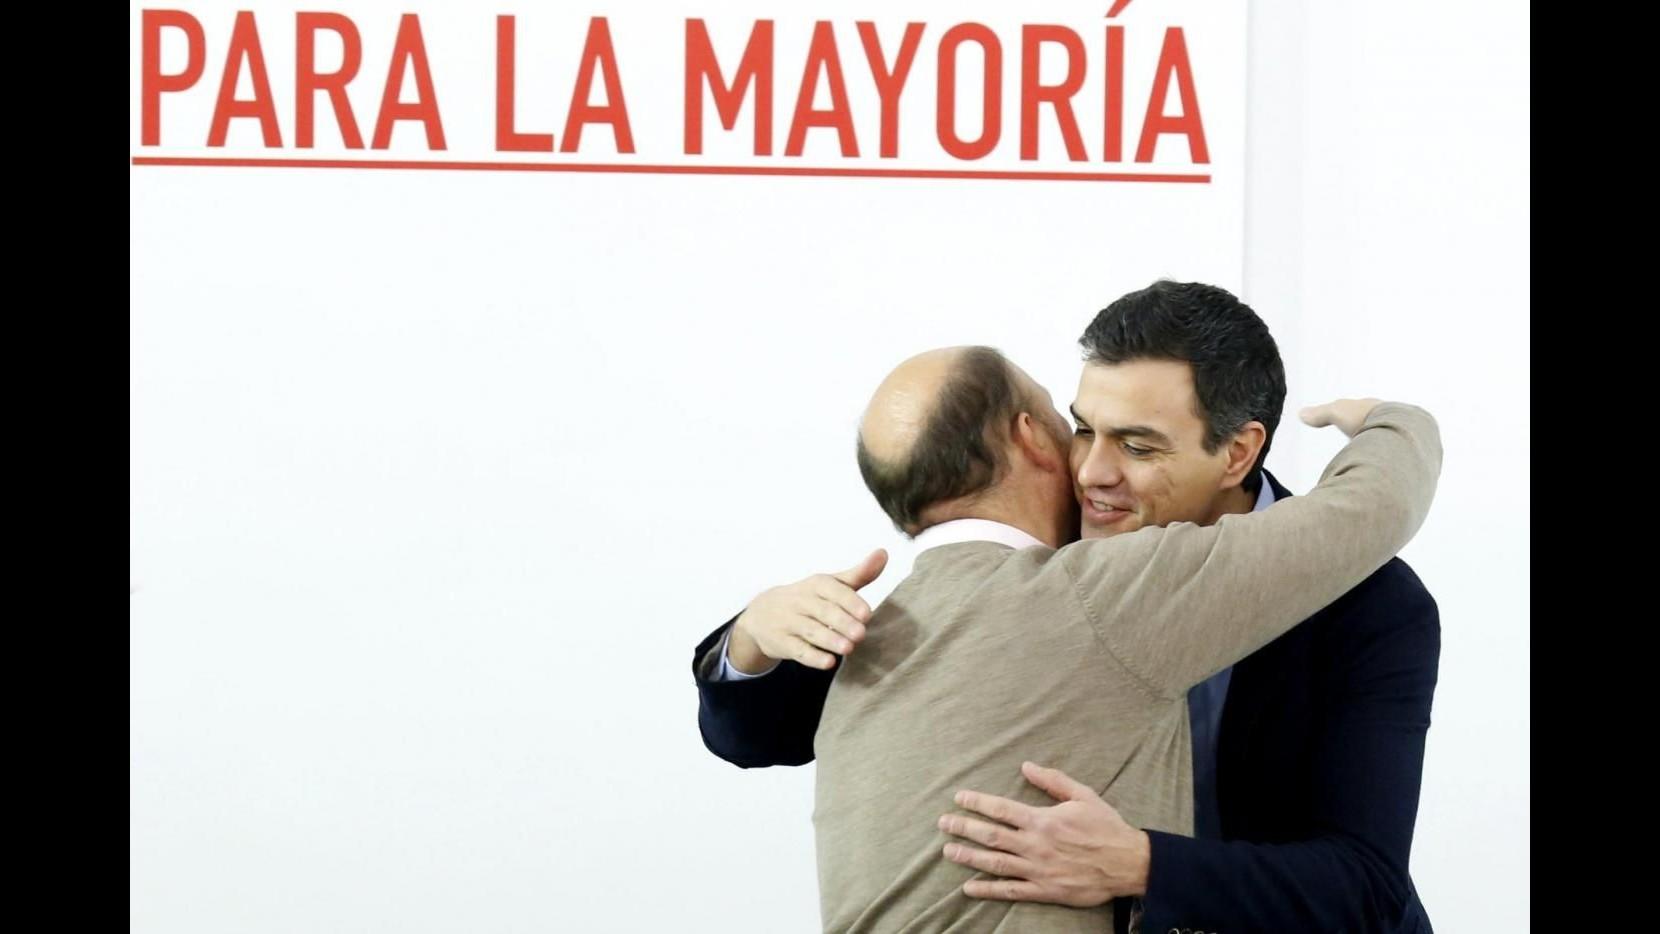 Spagna, Podemos o nuove elezioni? La difficile scelta dei socialisti